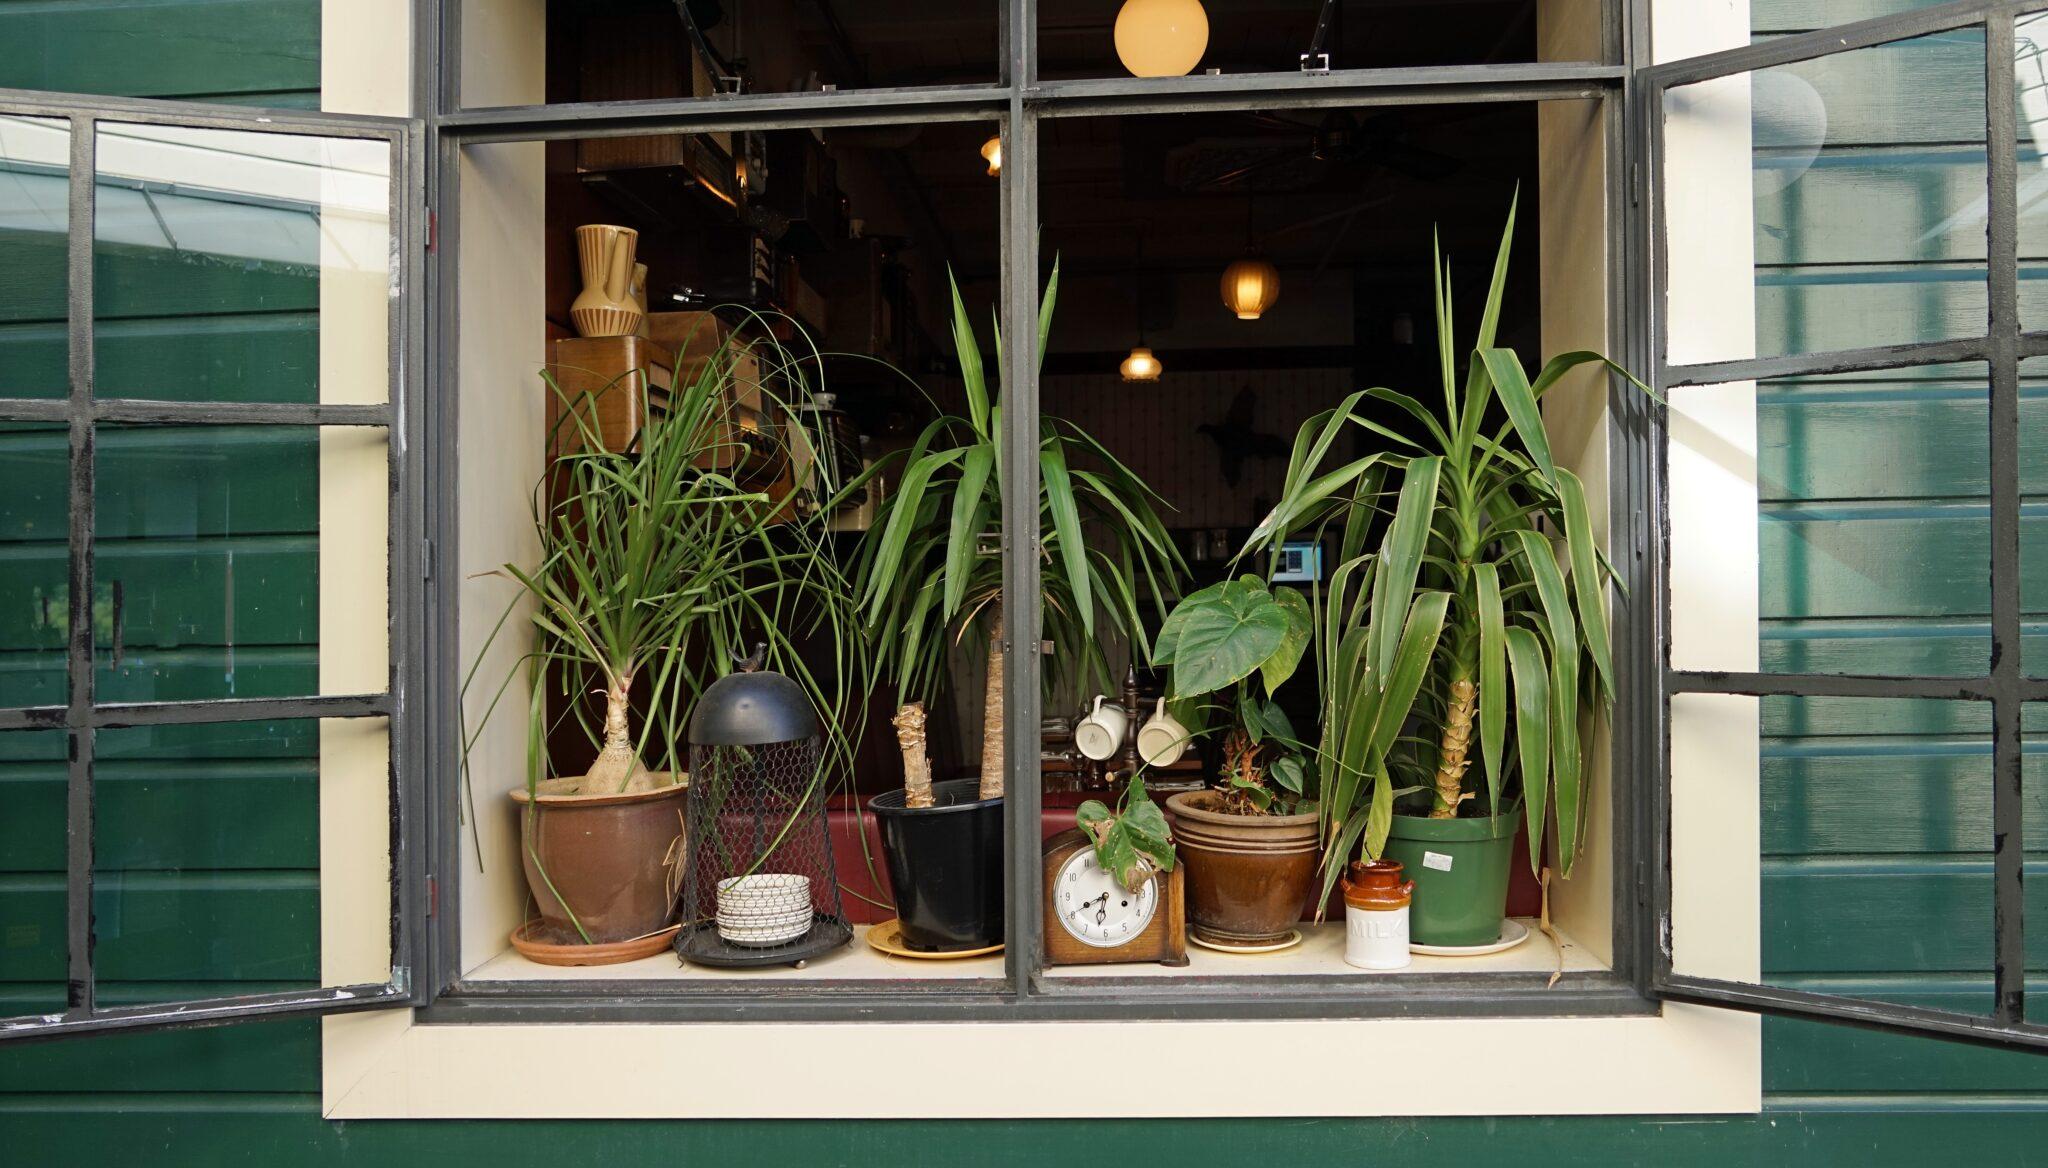 Mehrere Grünpflanzen an einem offenen Fenster